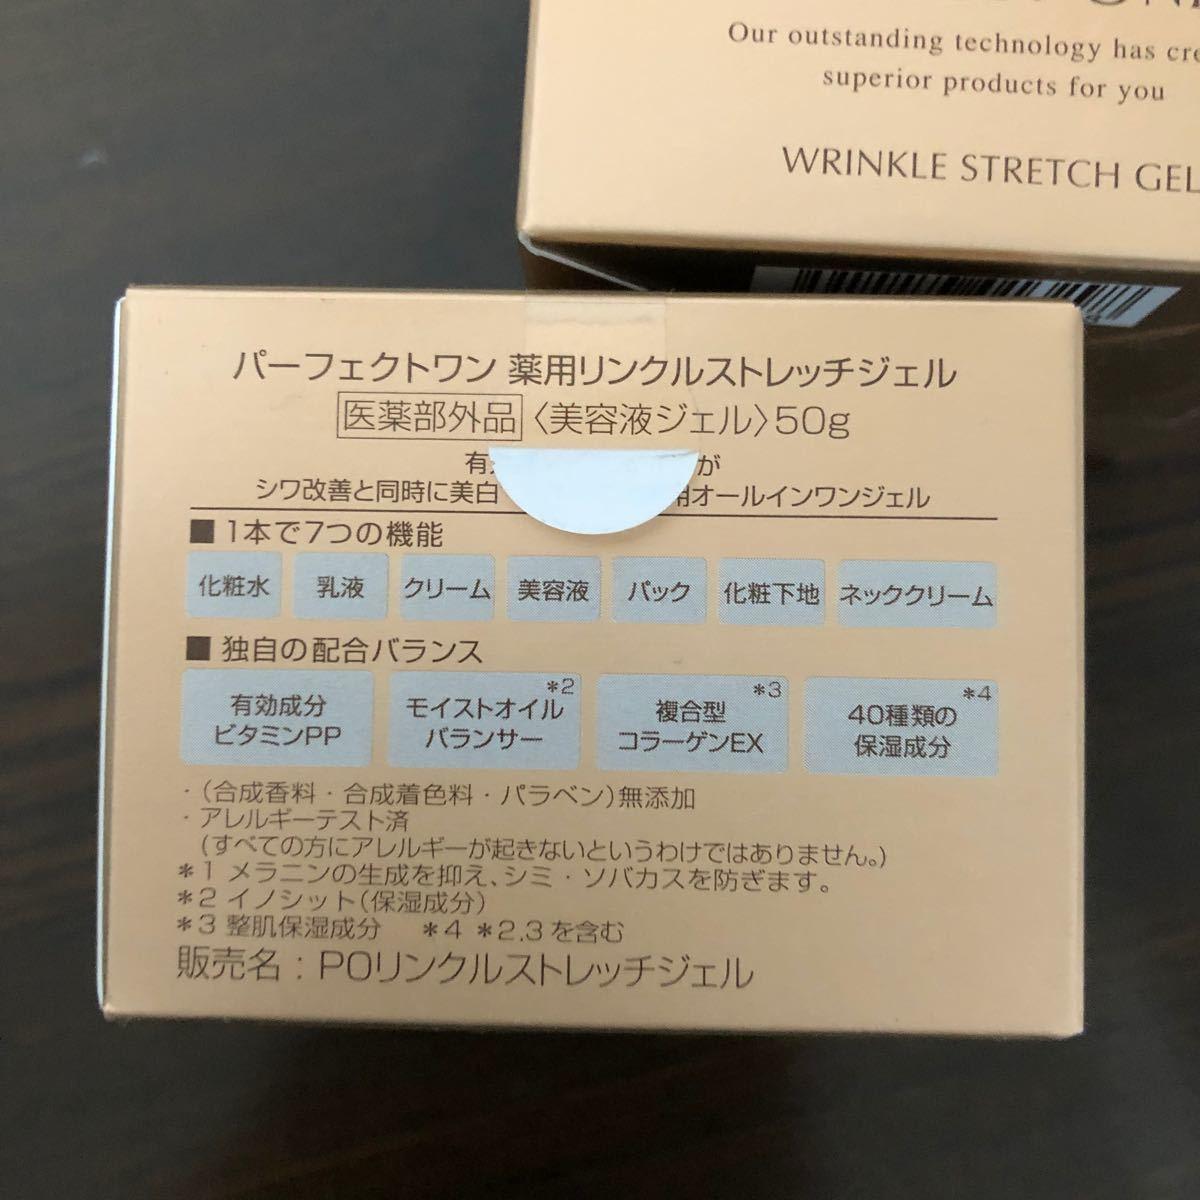 パーフェクトワン 薬用リンクルストレッチジェル 50g / シワパシャ / オールインワンジェル ビタミンPP